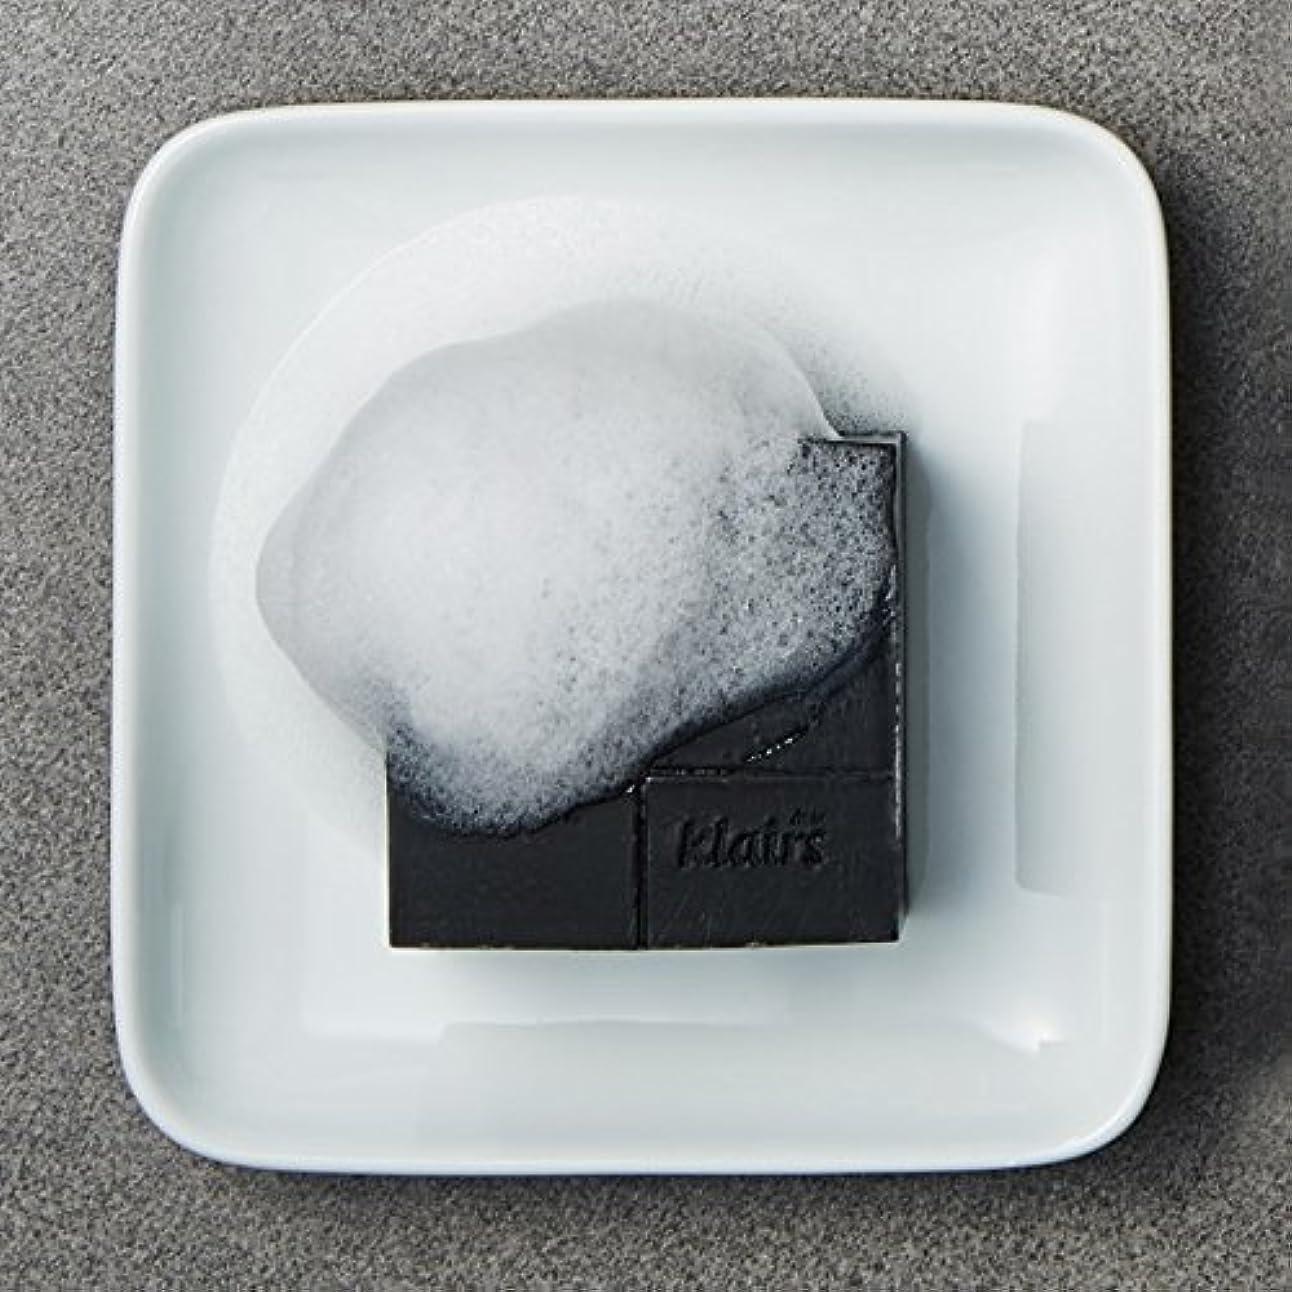 ガイダンス常習者独立KLAIRS(クレアズ) ジェントルブラックシュガーチャコール石けん, Gentle Black Sugar Charcol Soap 120g [並行輸入品]